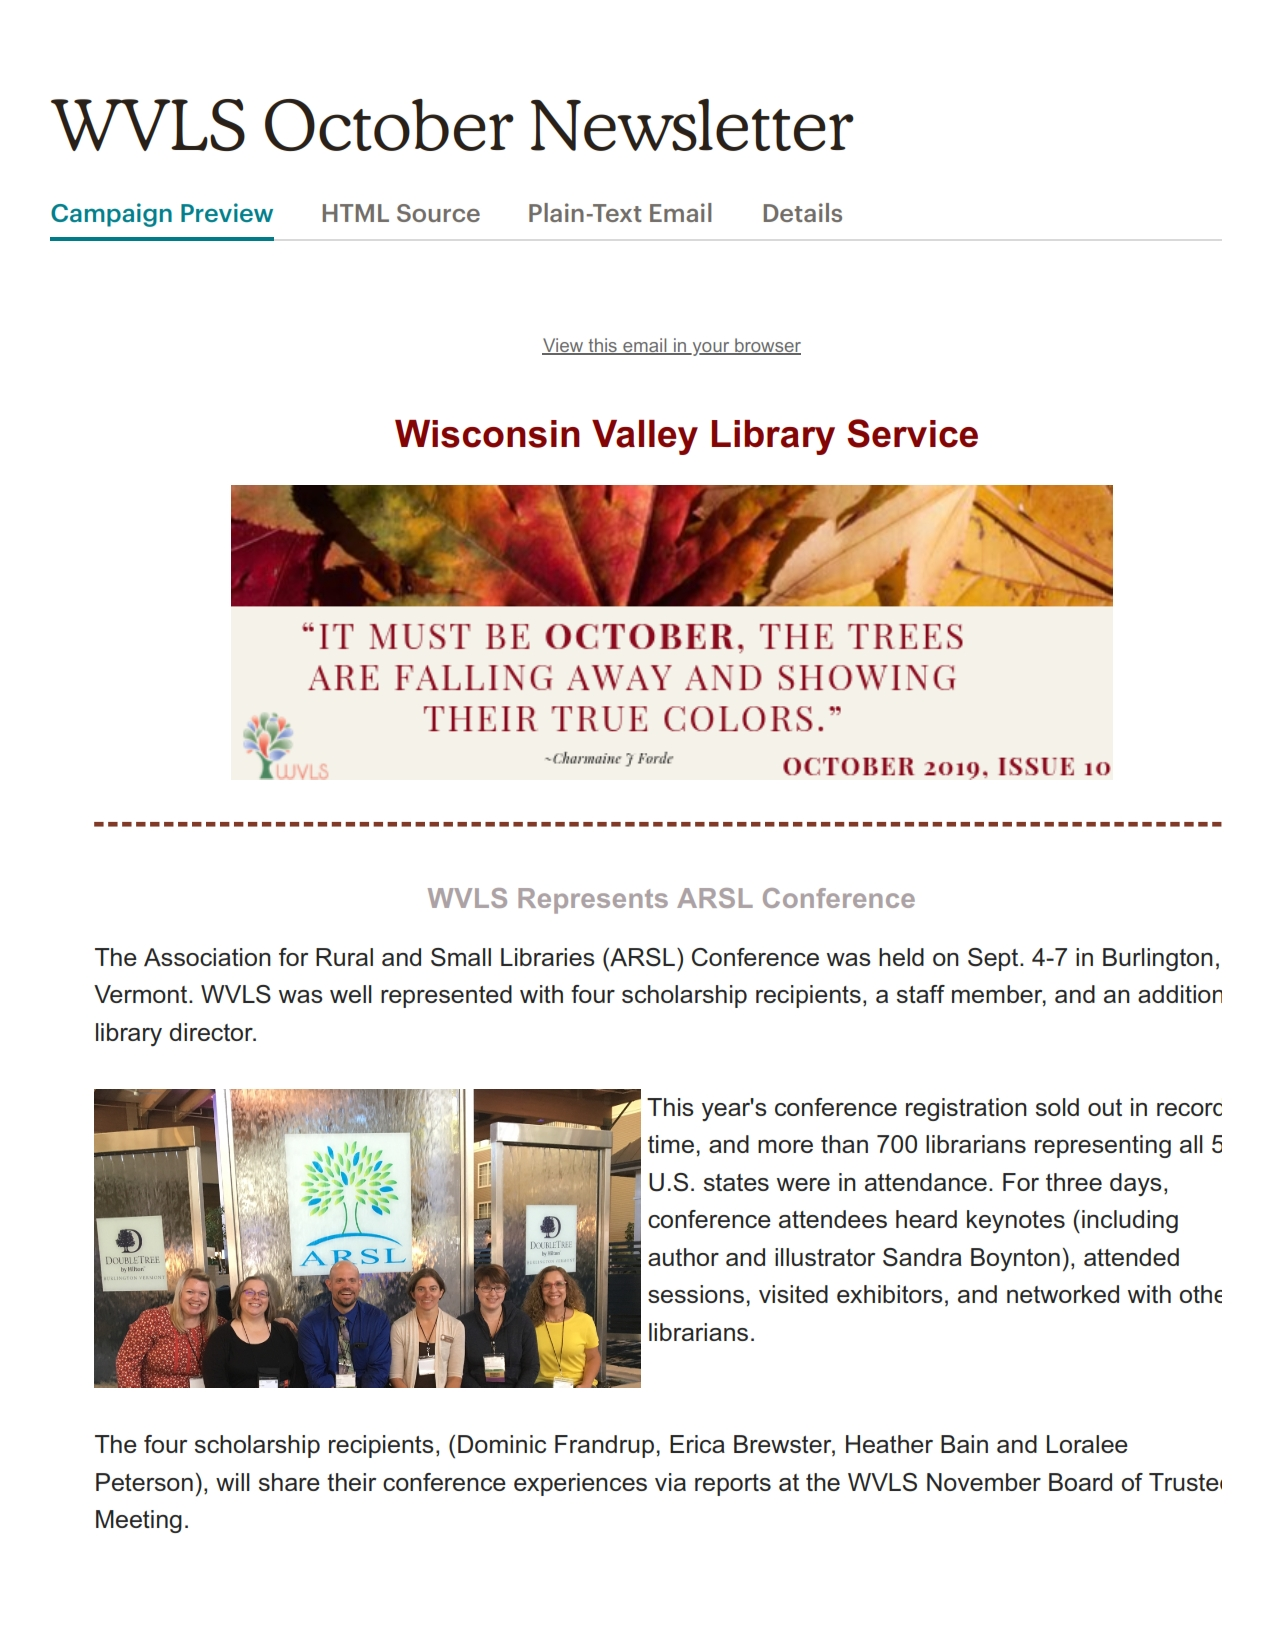 WVLS October Newsletter_001